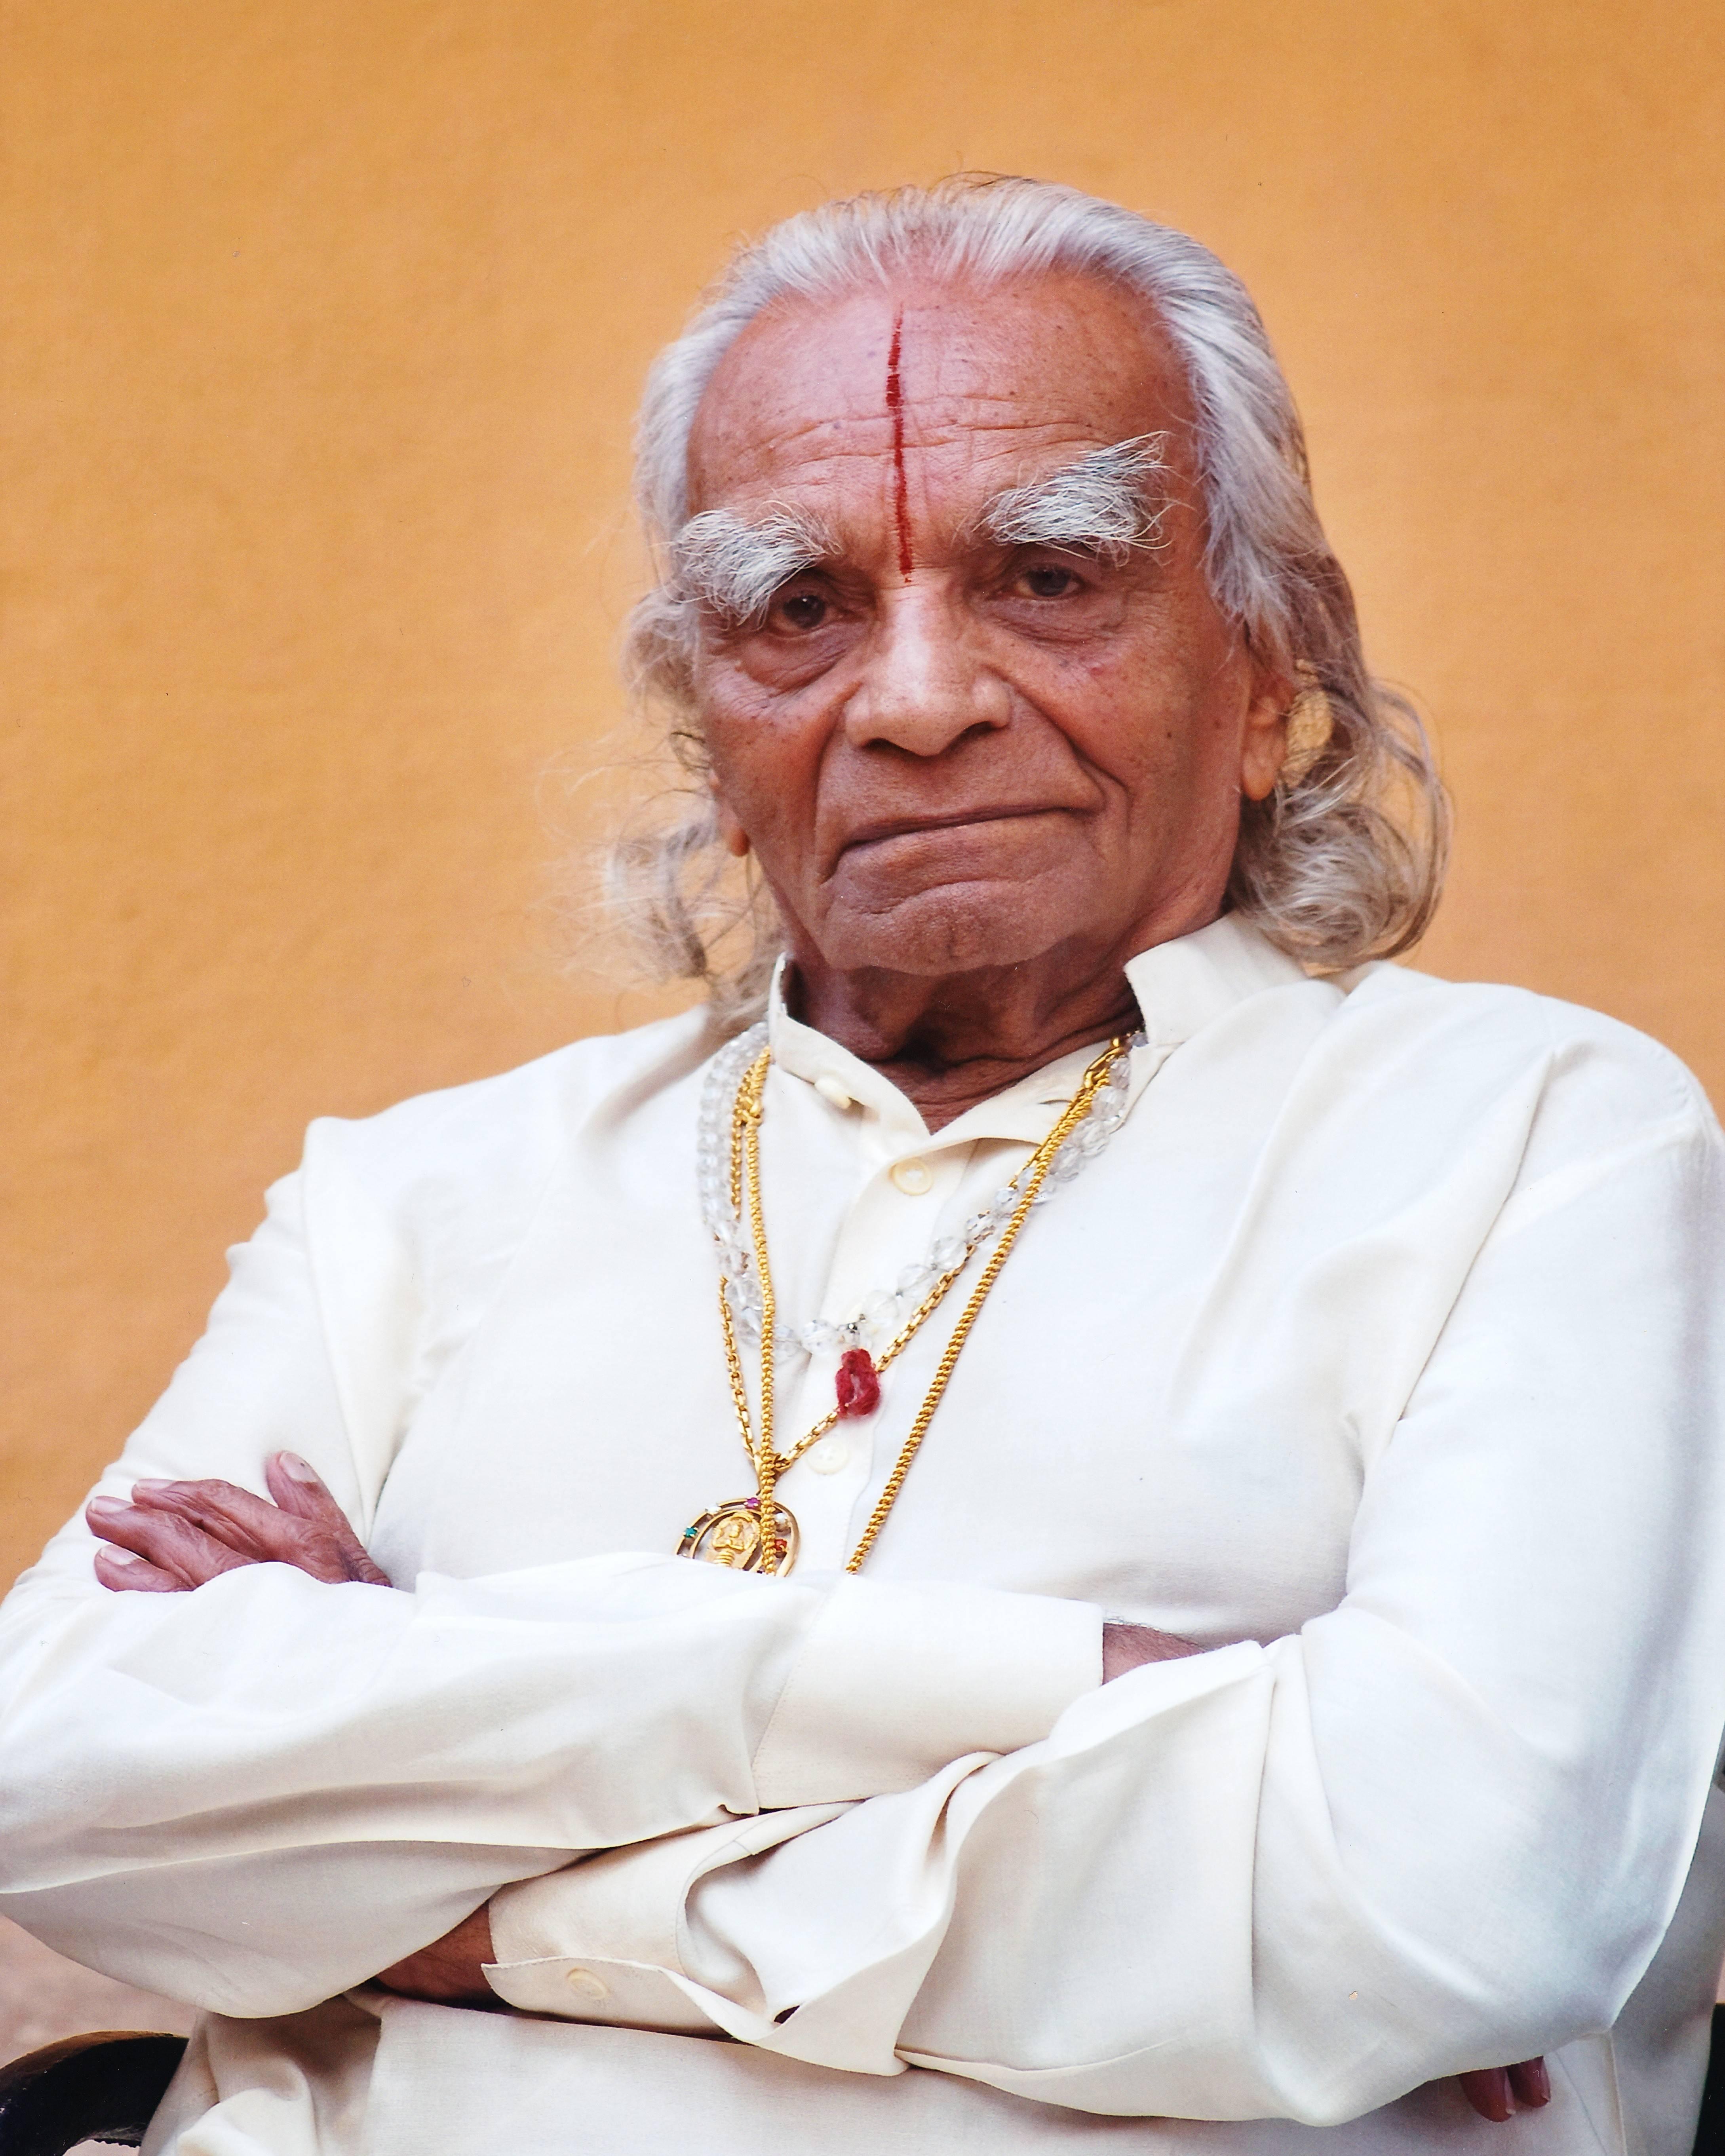 106-летний йог свами йогананда. | здоровое питание